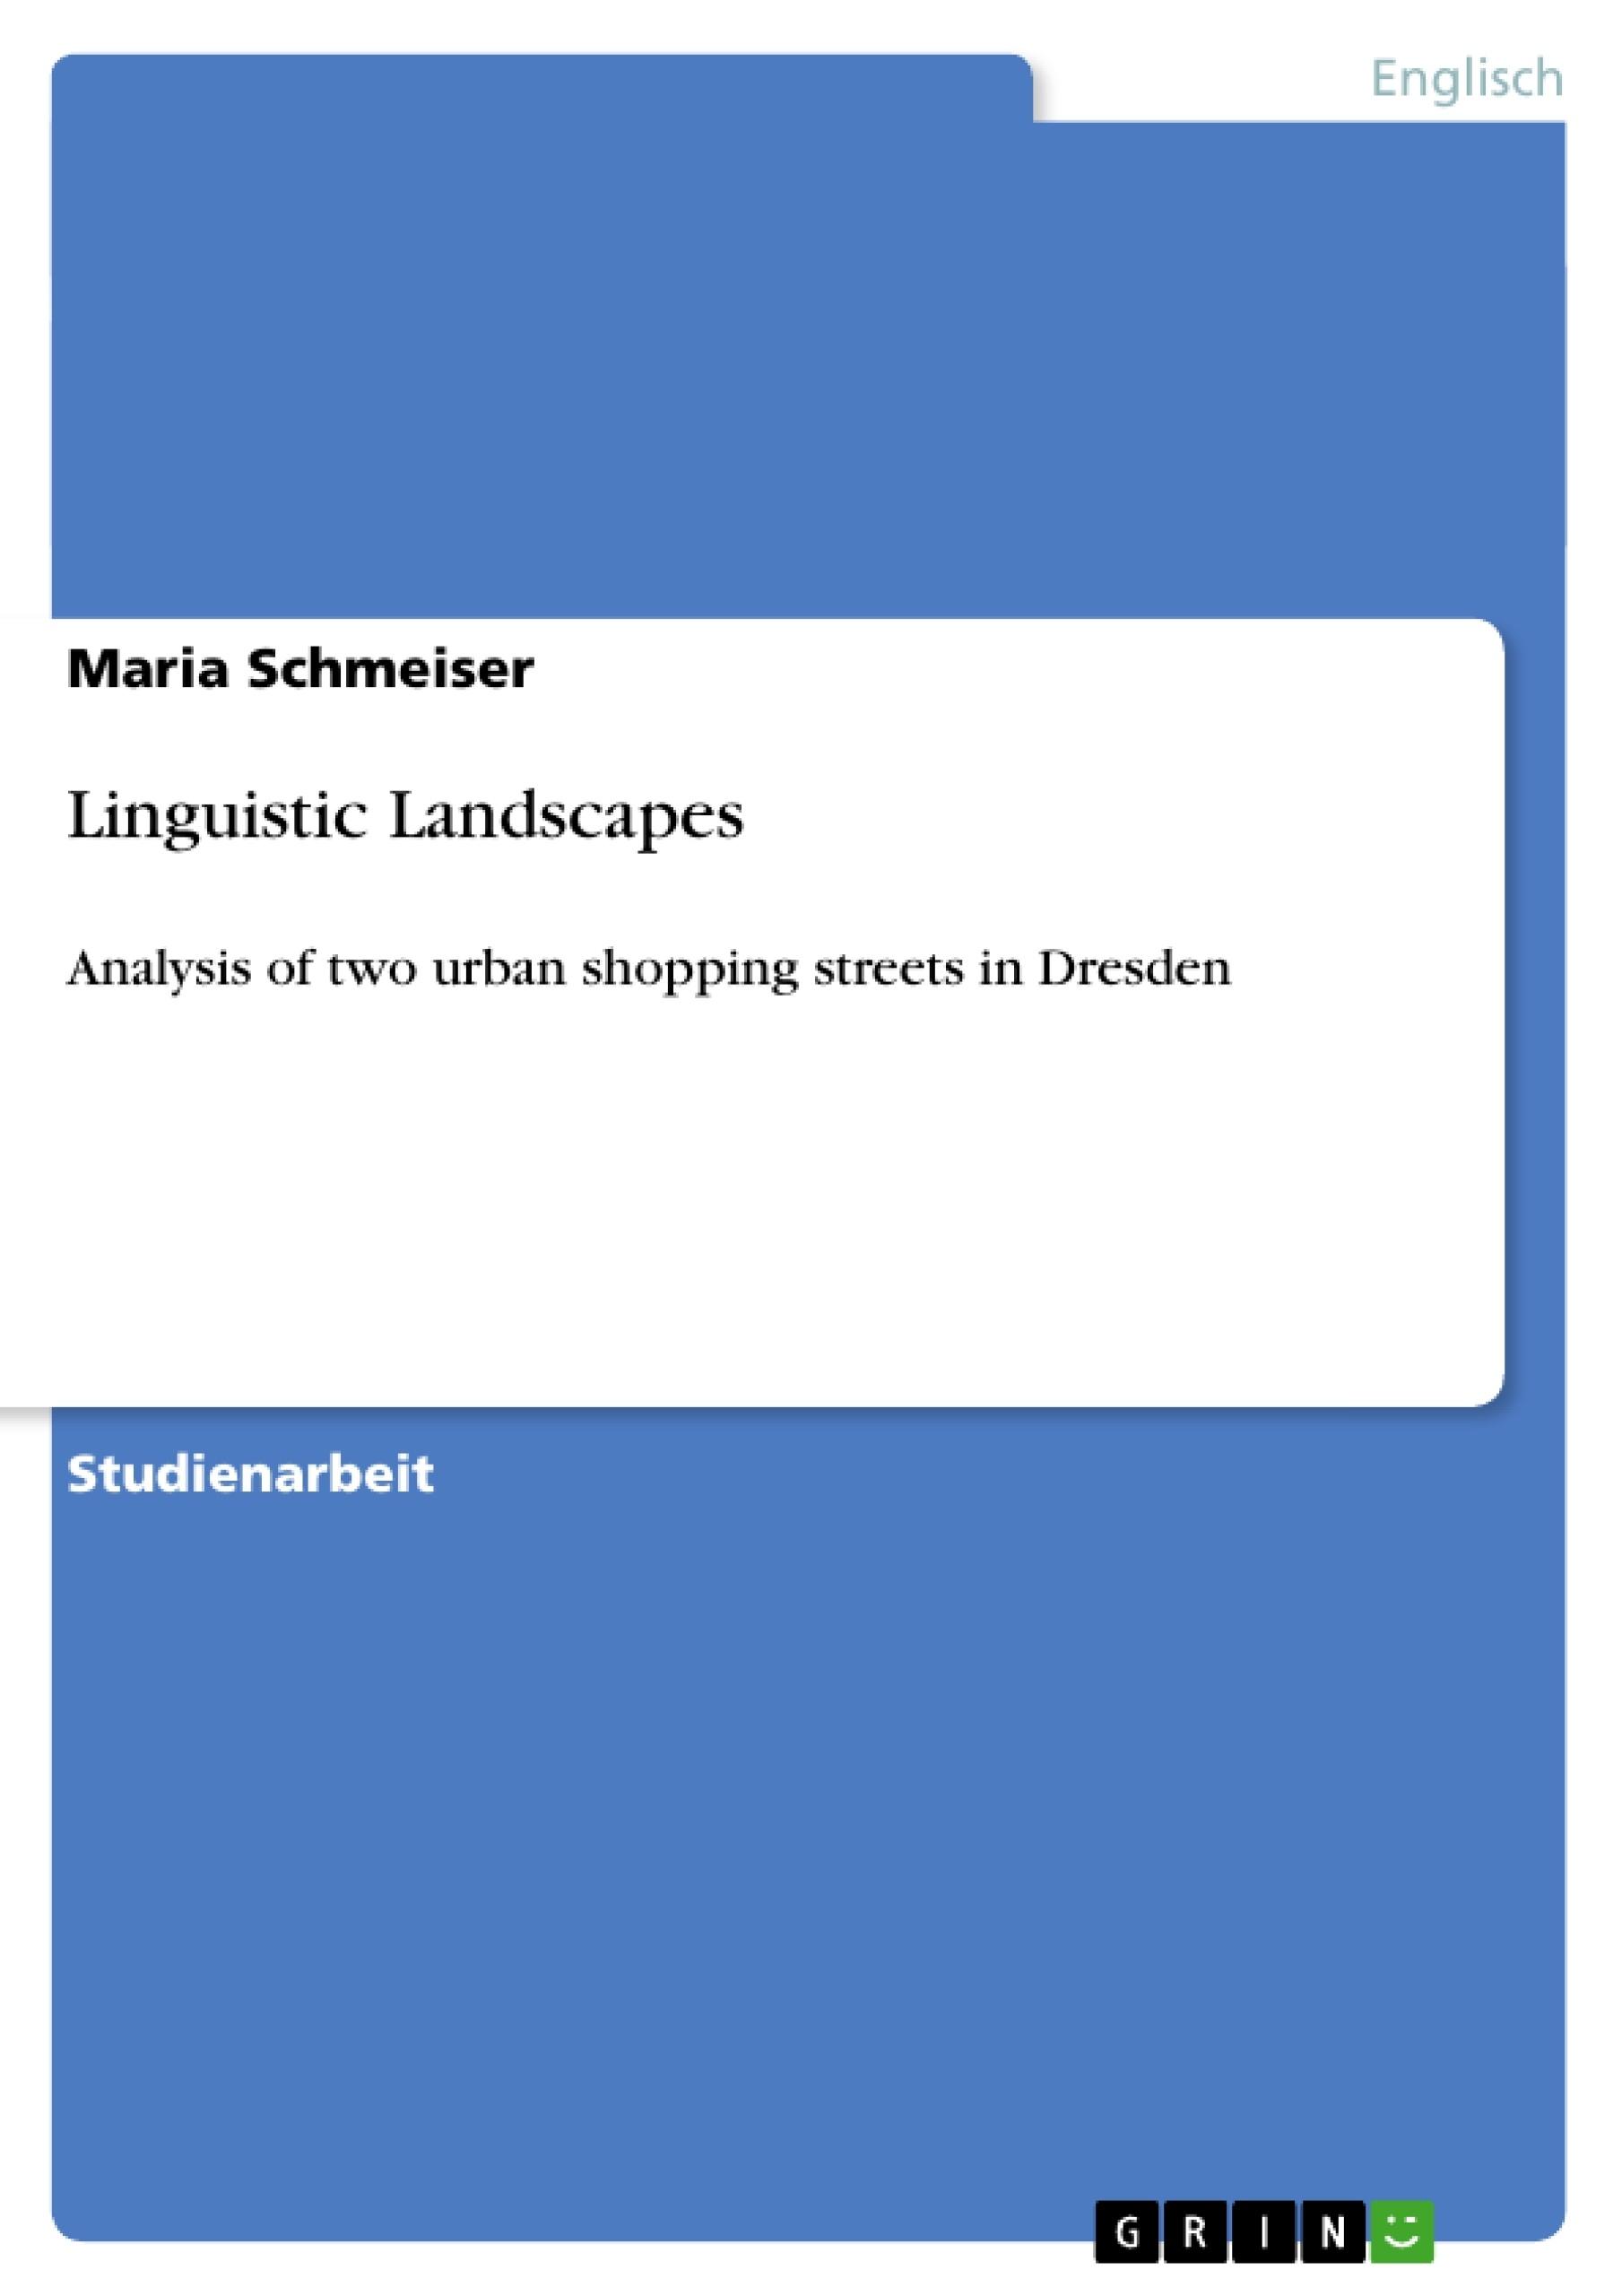 Titel: Linguistic Landscapes